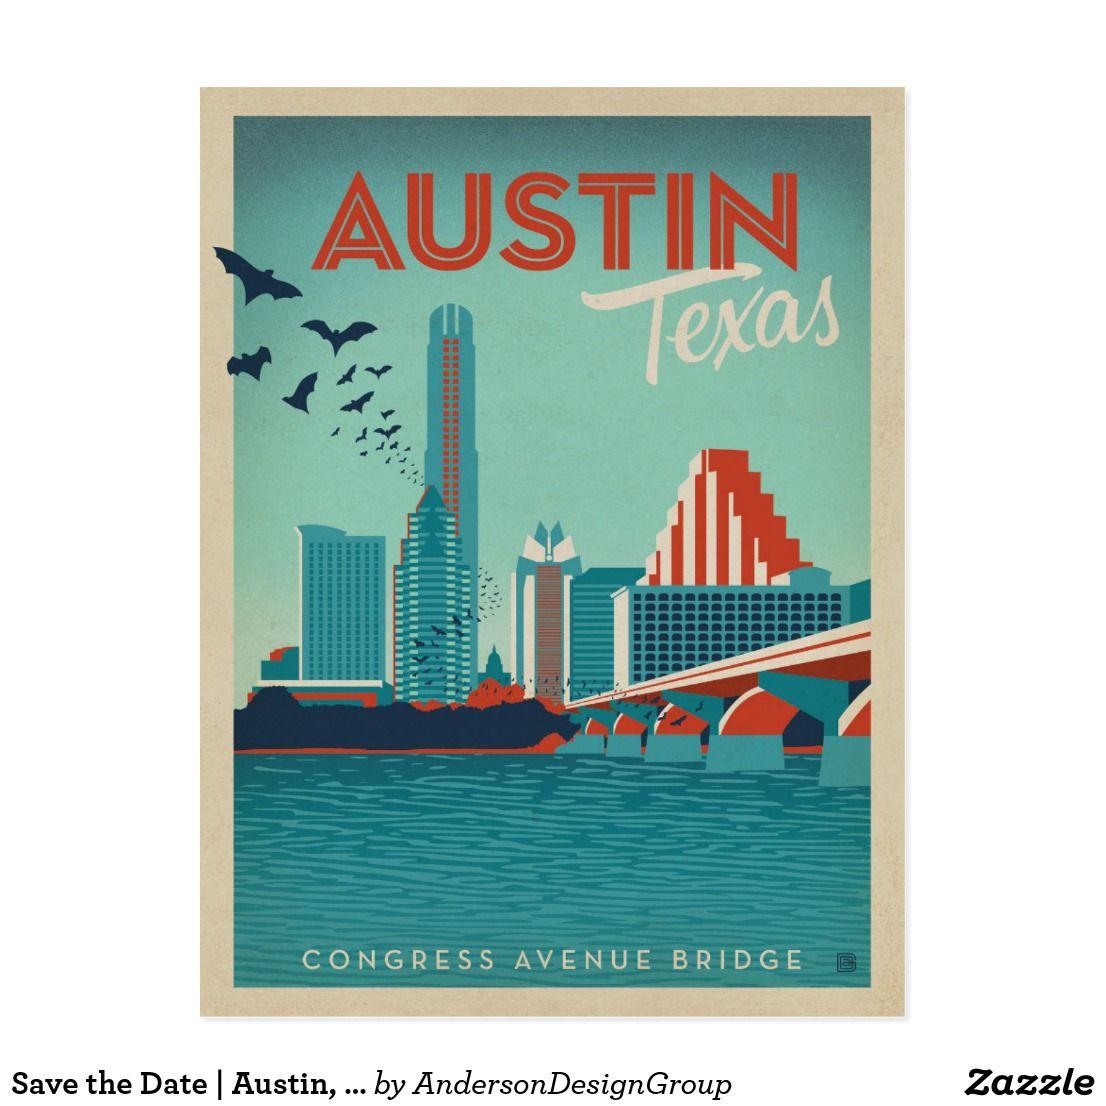 postcard advertisements